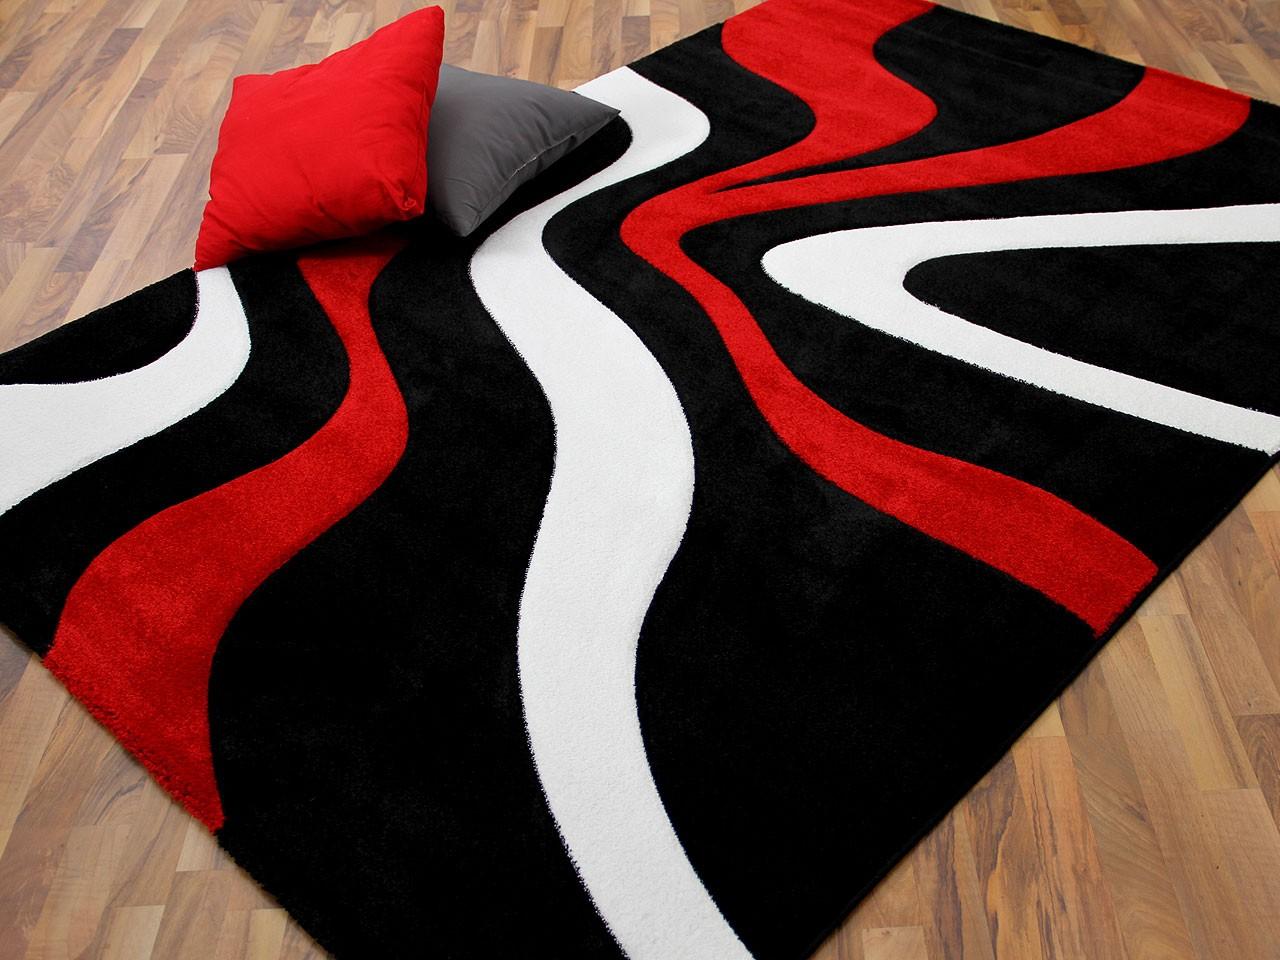 designer teppich maui schwarz rot wellen teppiche designerteppiche. Black Bedroom Furniture Sets. Home Design Ideas